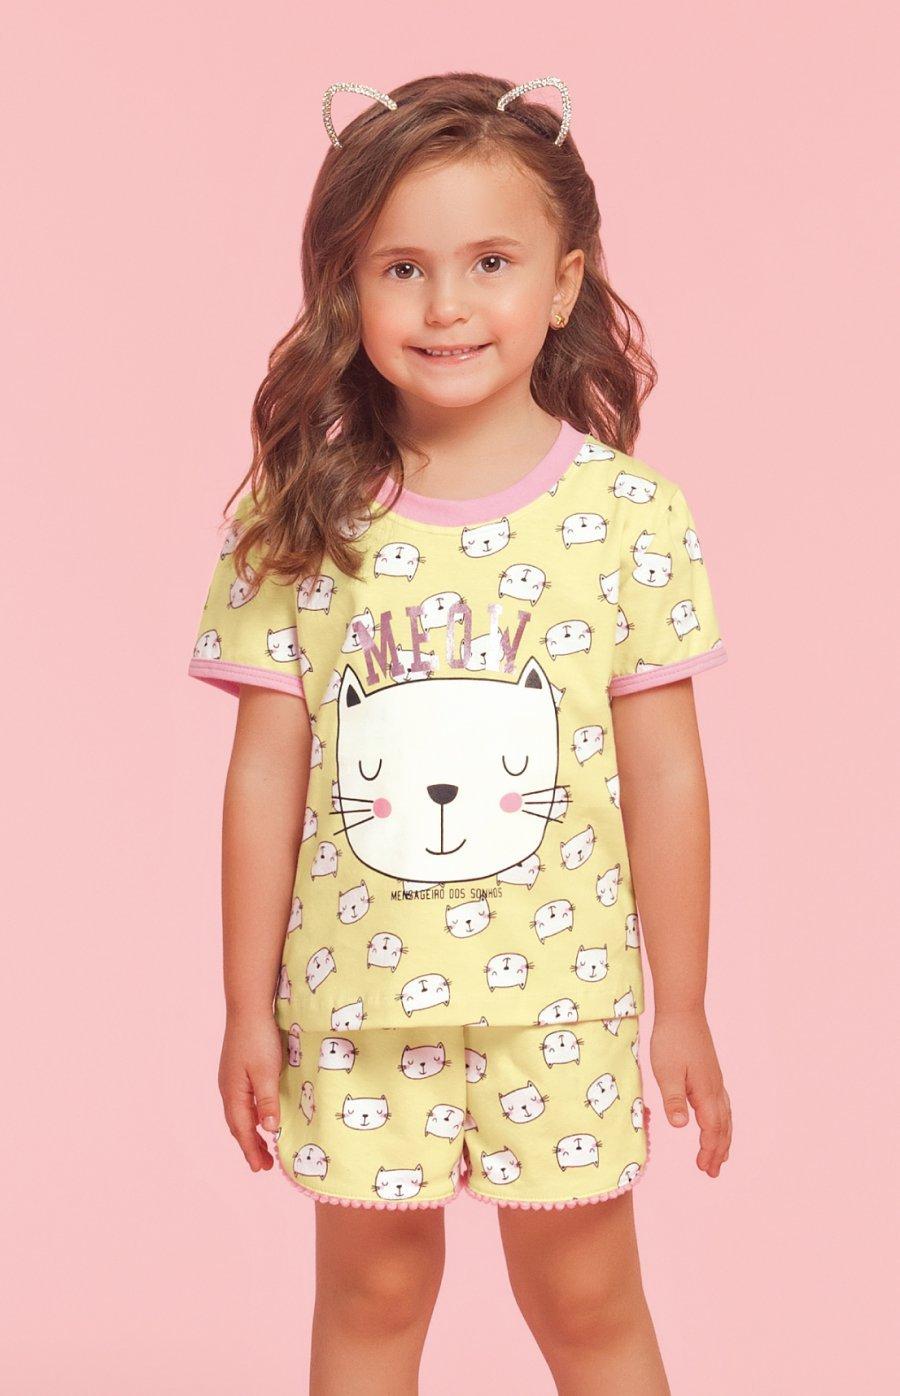 Pijama Baby 100% Algodão Cats Verão PROMO 2019